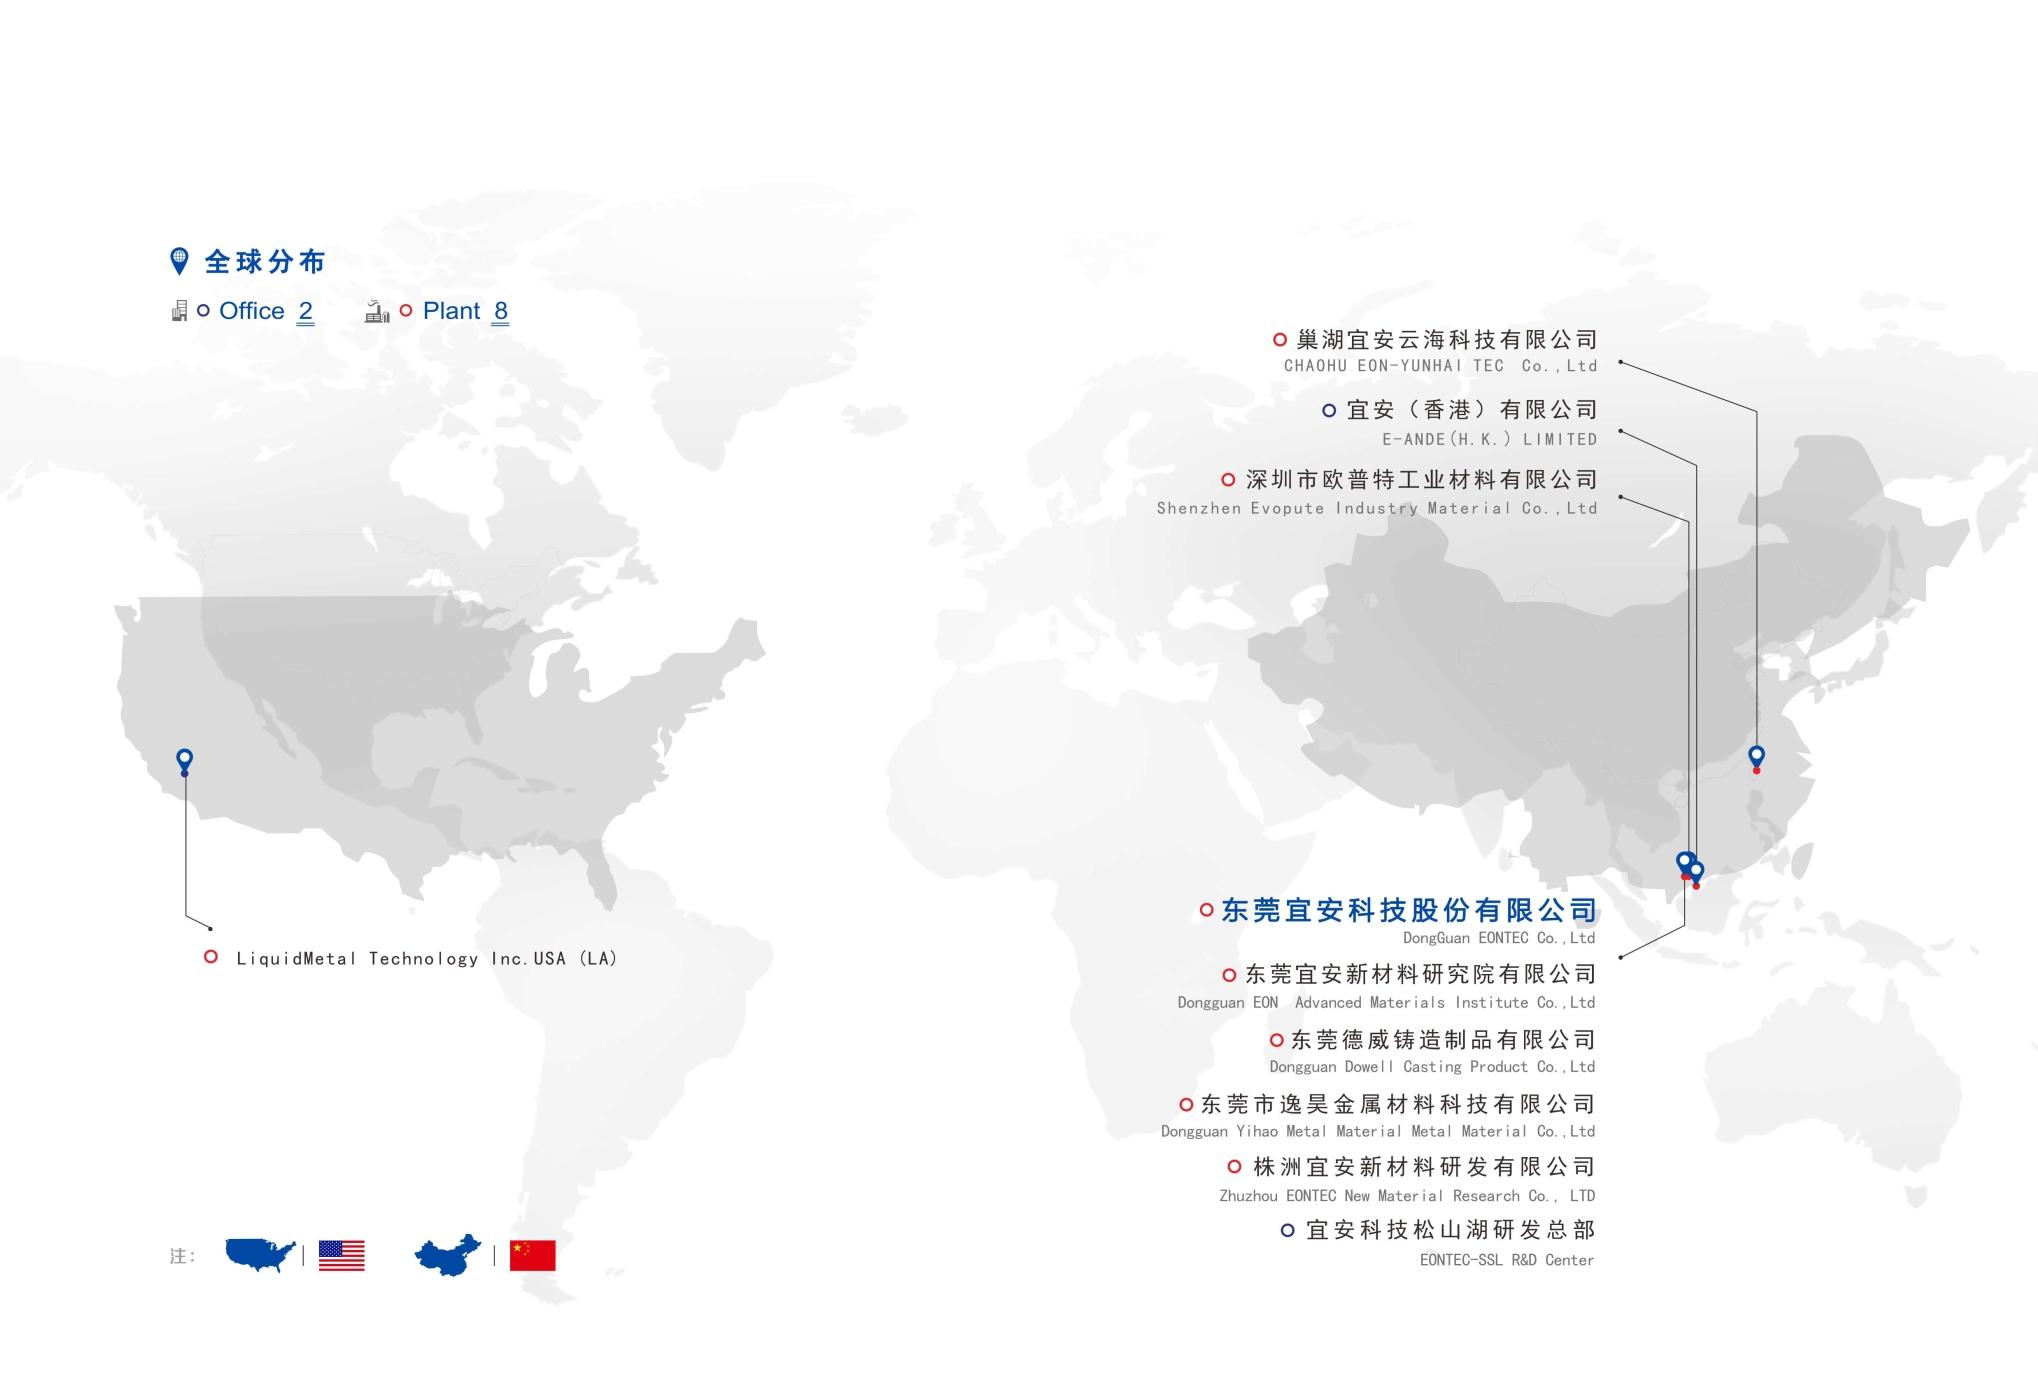 宜安子公司分布图